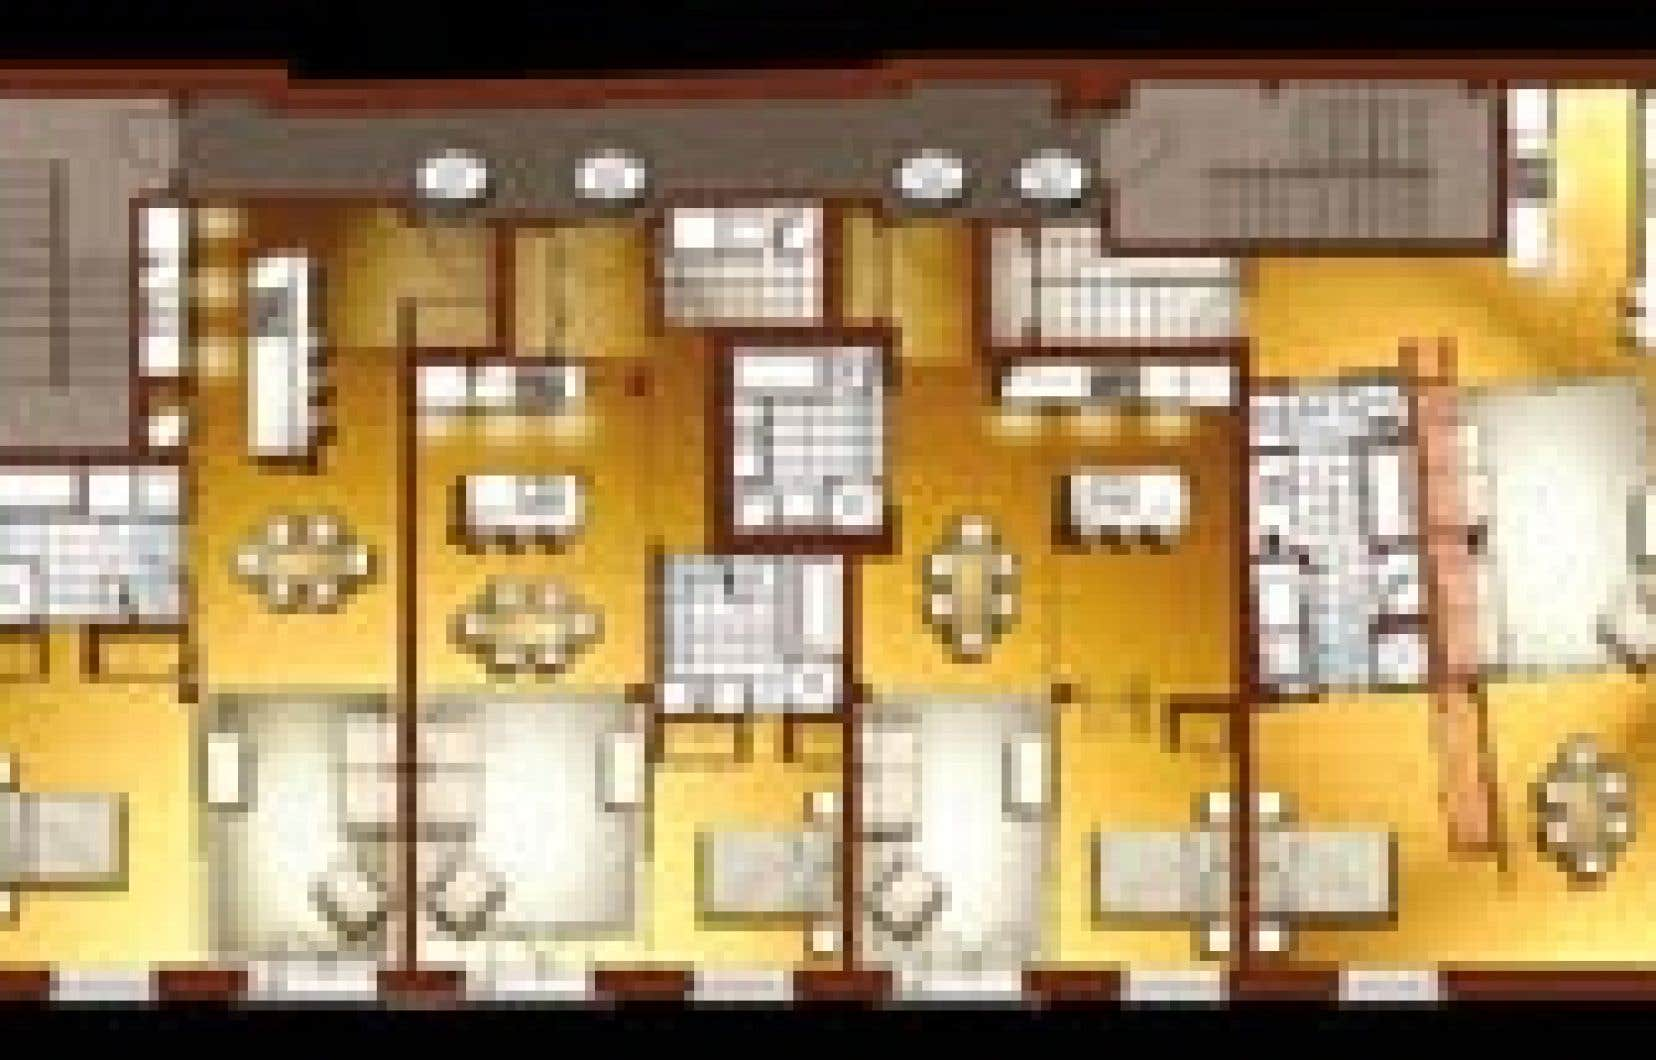 Photo 3D Forme Studio - Ces projets de Forme Studio ont la particularité de redonner un vrai sens au mot «loft»: ils proposent des espaces complètement ouverts, habillés de parois coulissantes ou pivotantes qui peuvent venir fermer une ou plusieurs